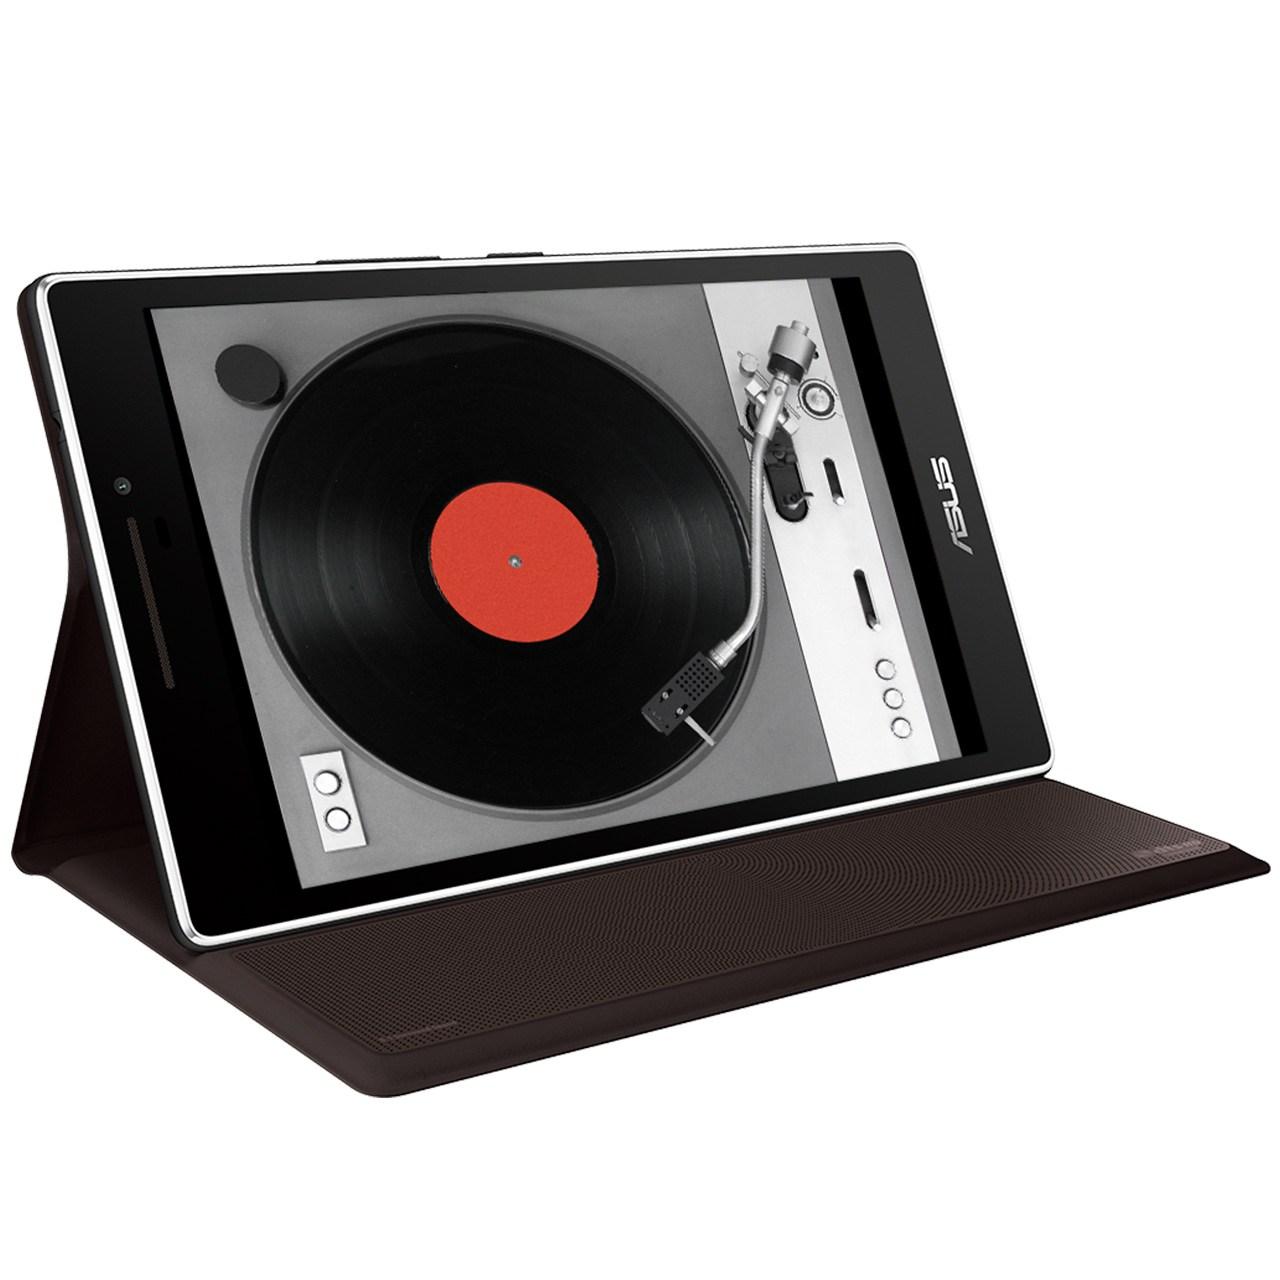 تبلت ايسوس مدل ZenPad 7.0 Z370CG به همراه ASUS Audio Cover ظرفيت 16 گيگابايت